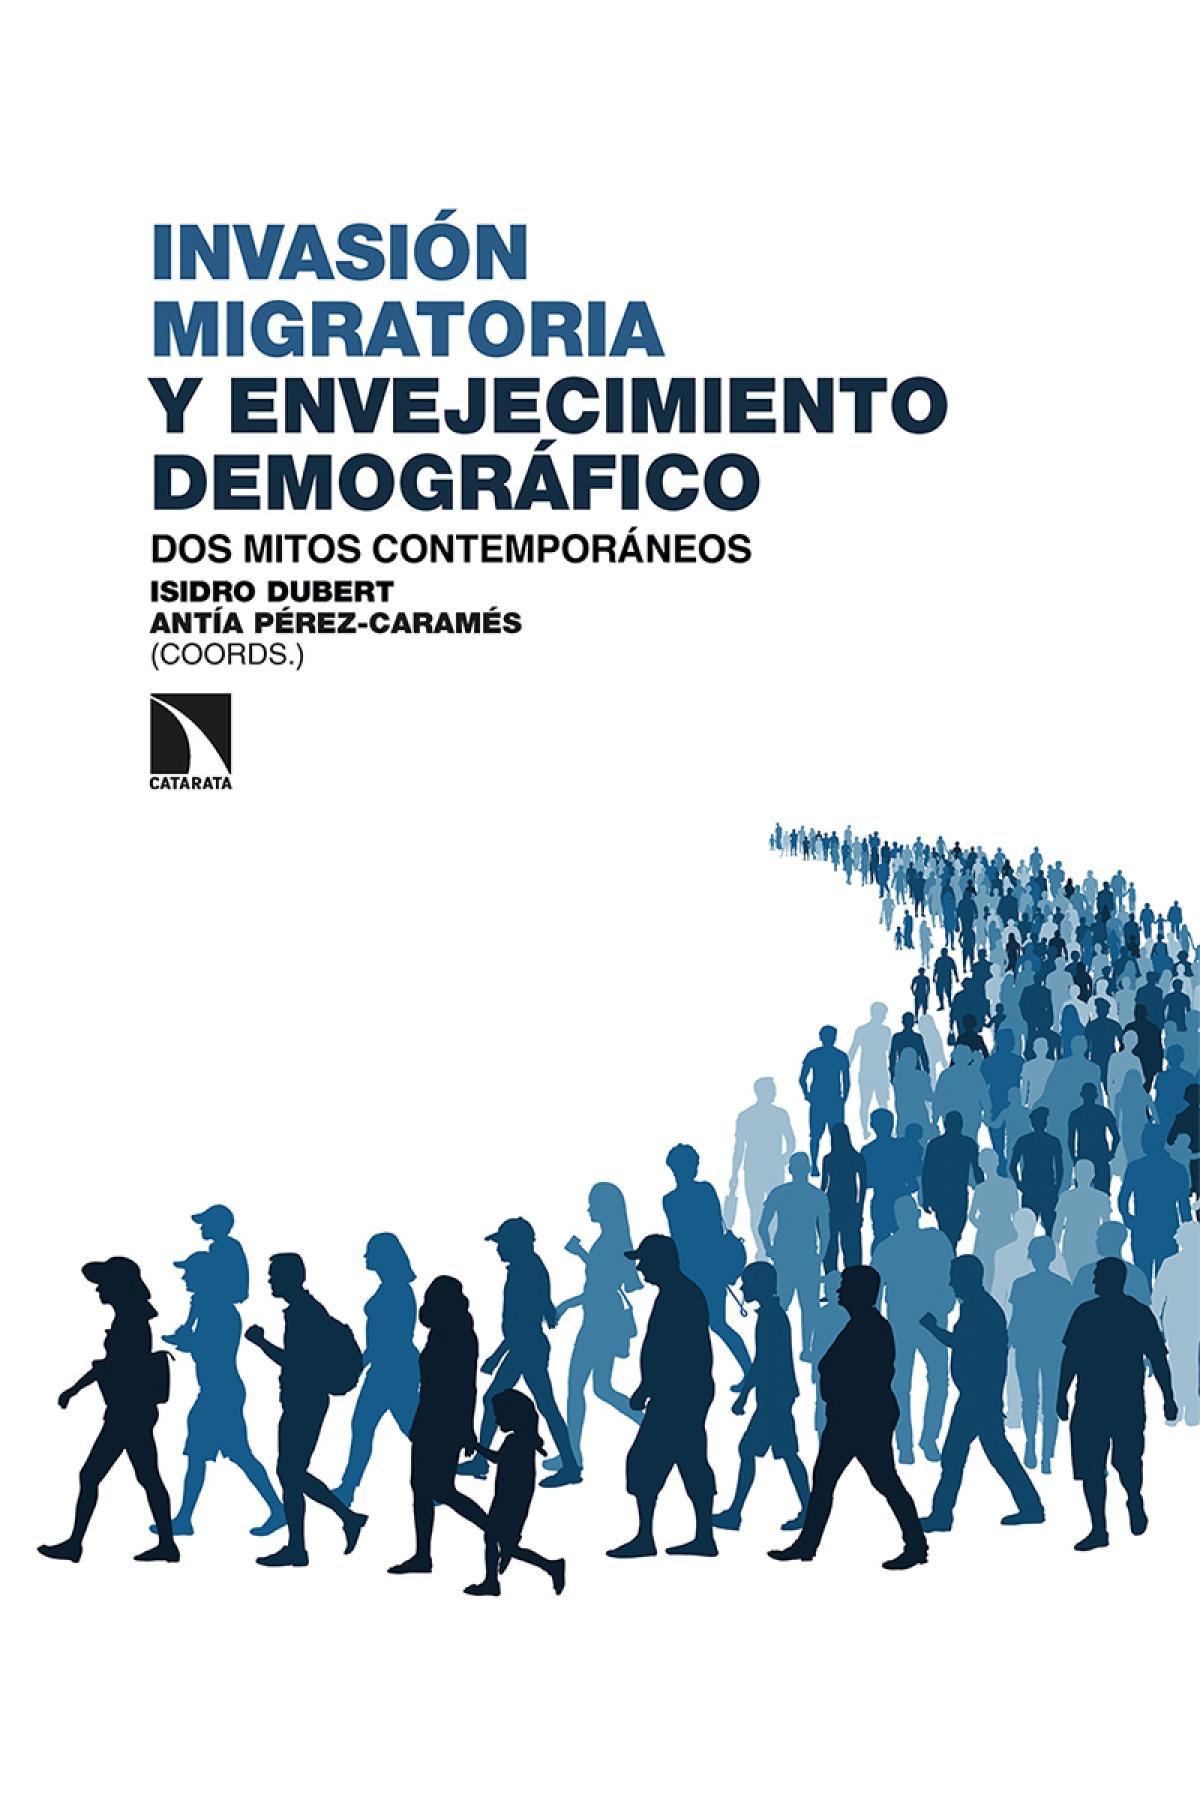 Invasión migratoria y envejecimiento demográfico